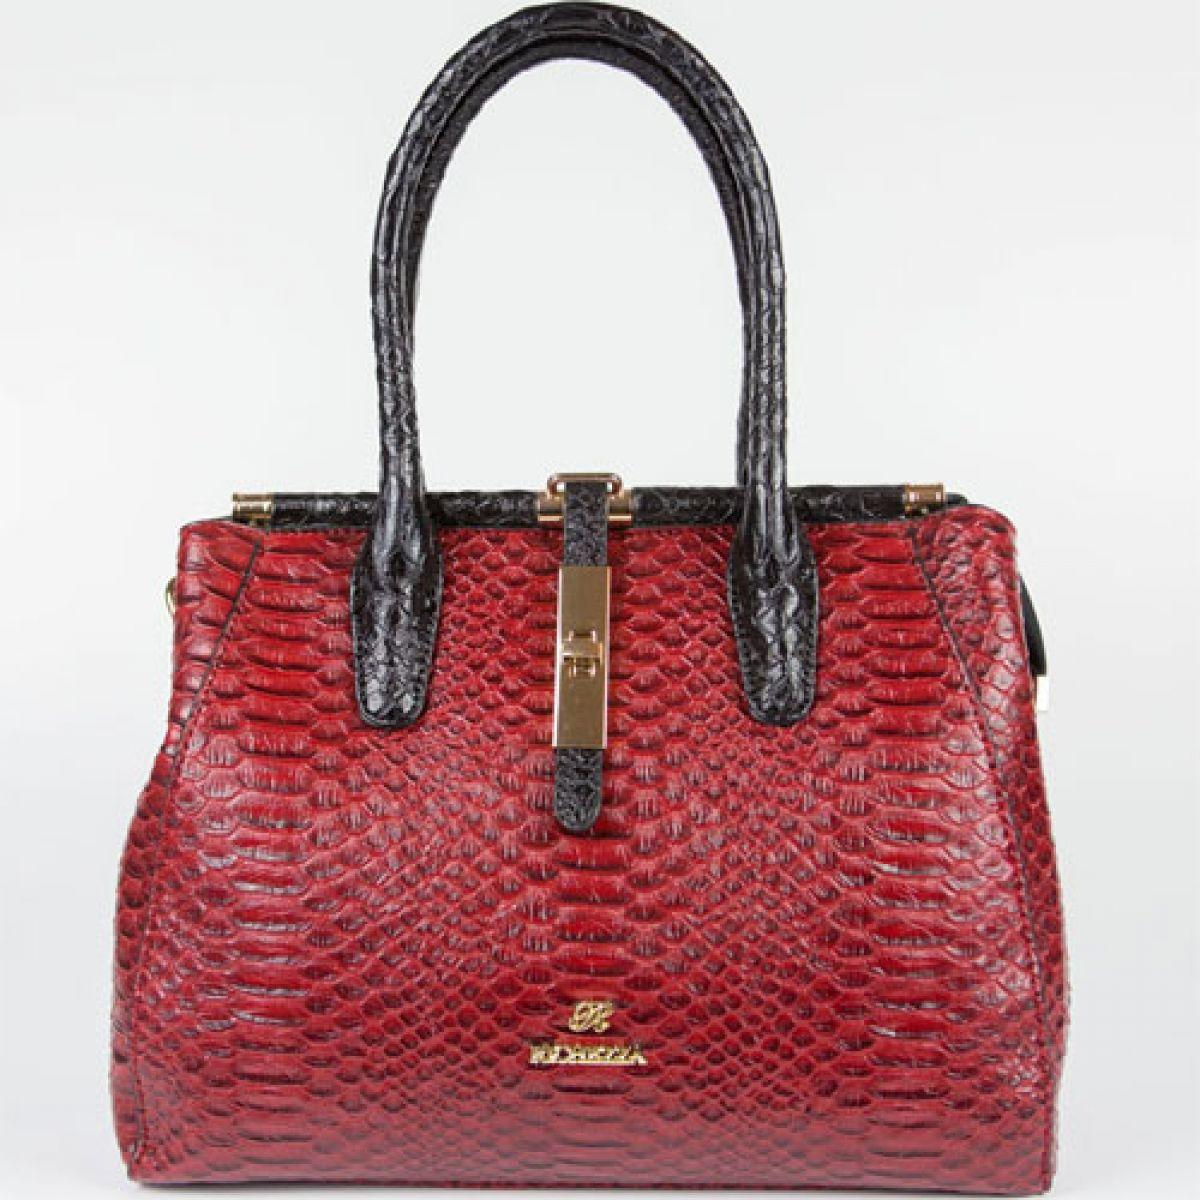 c7dc0b251e17 Сумка женская Richezza купить в магазине Leonello от 5 500 руб с доставкой.